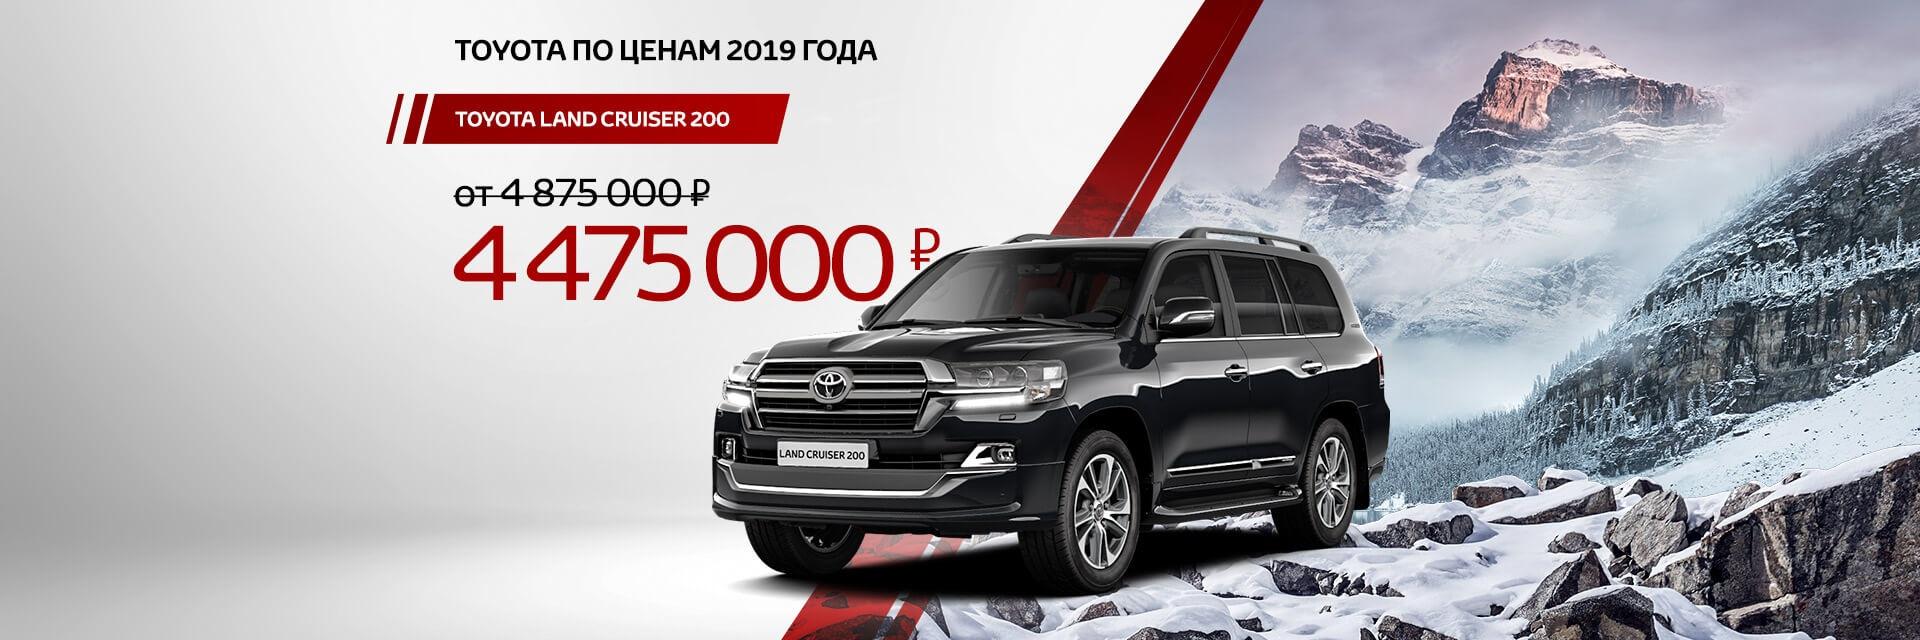 купить авто с пробегом в кредит без первого взноса в москве райффайзенбанк челябинск кредит наличными без справок